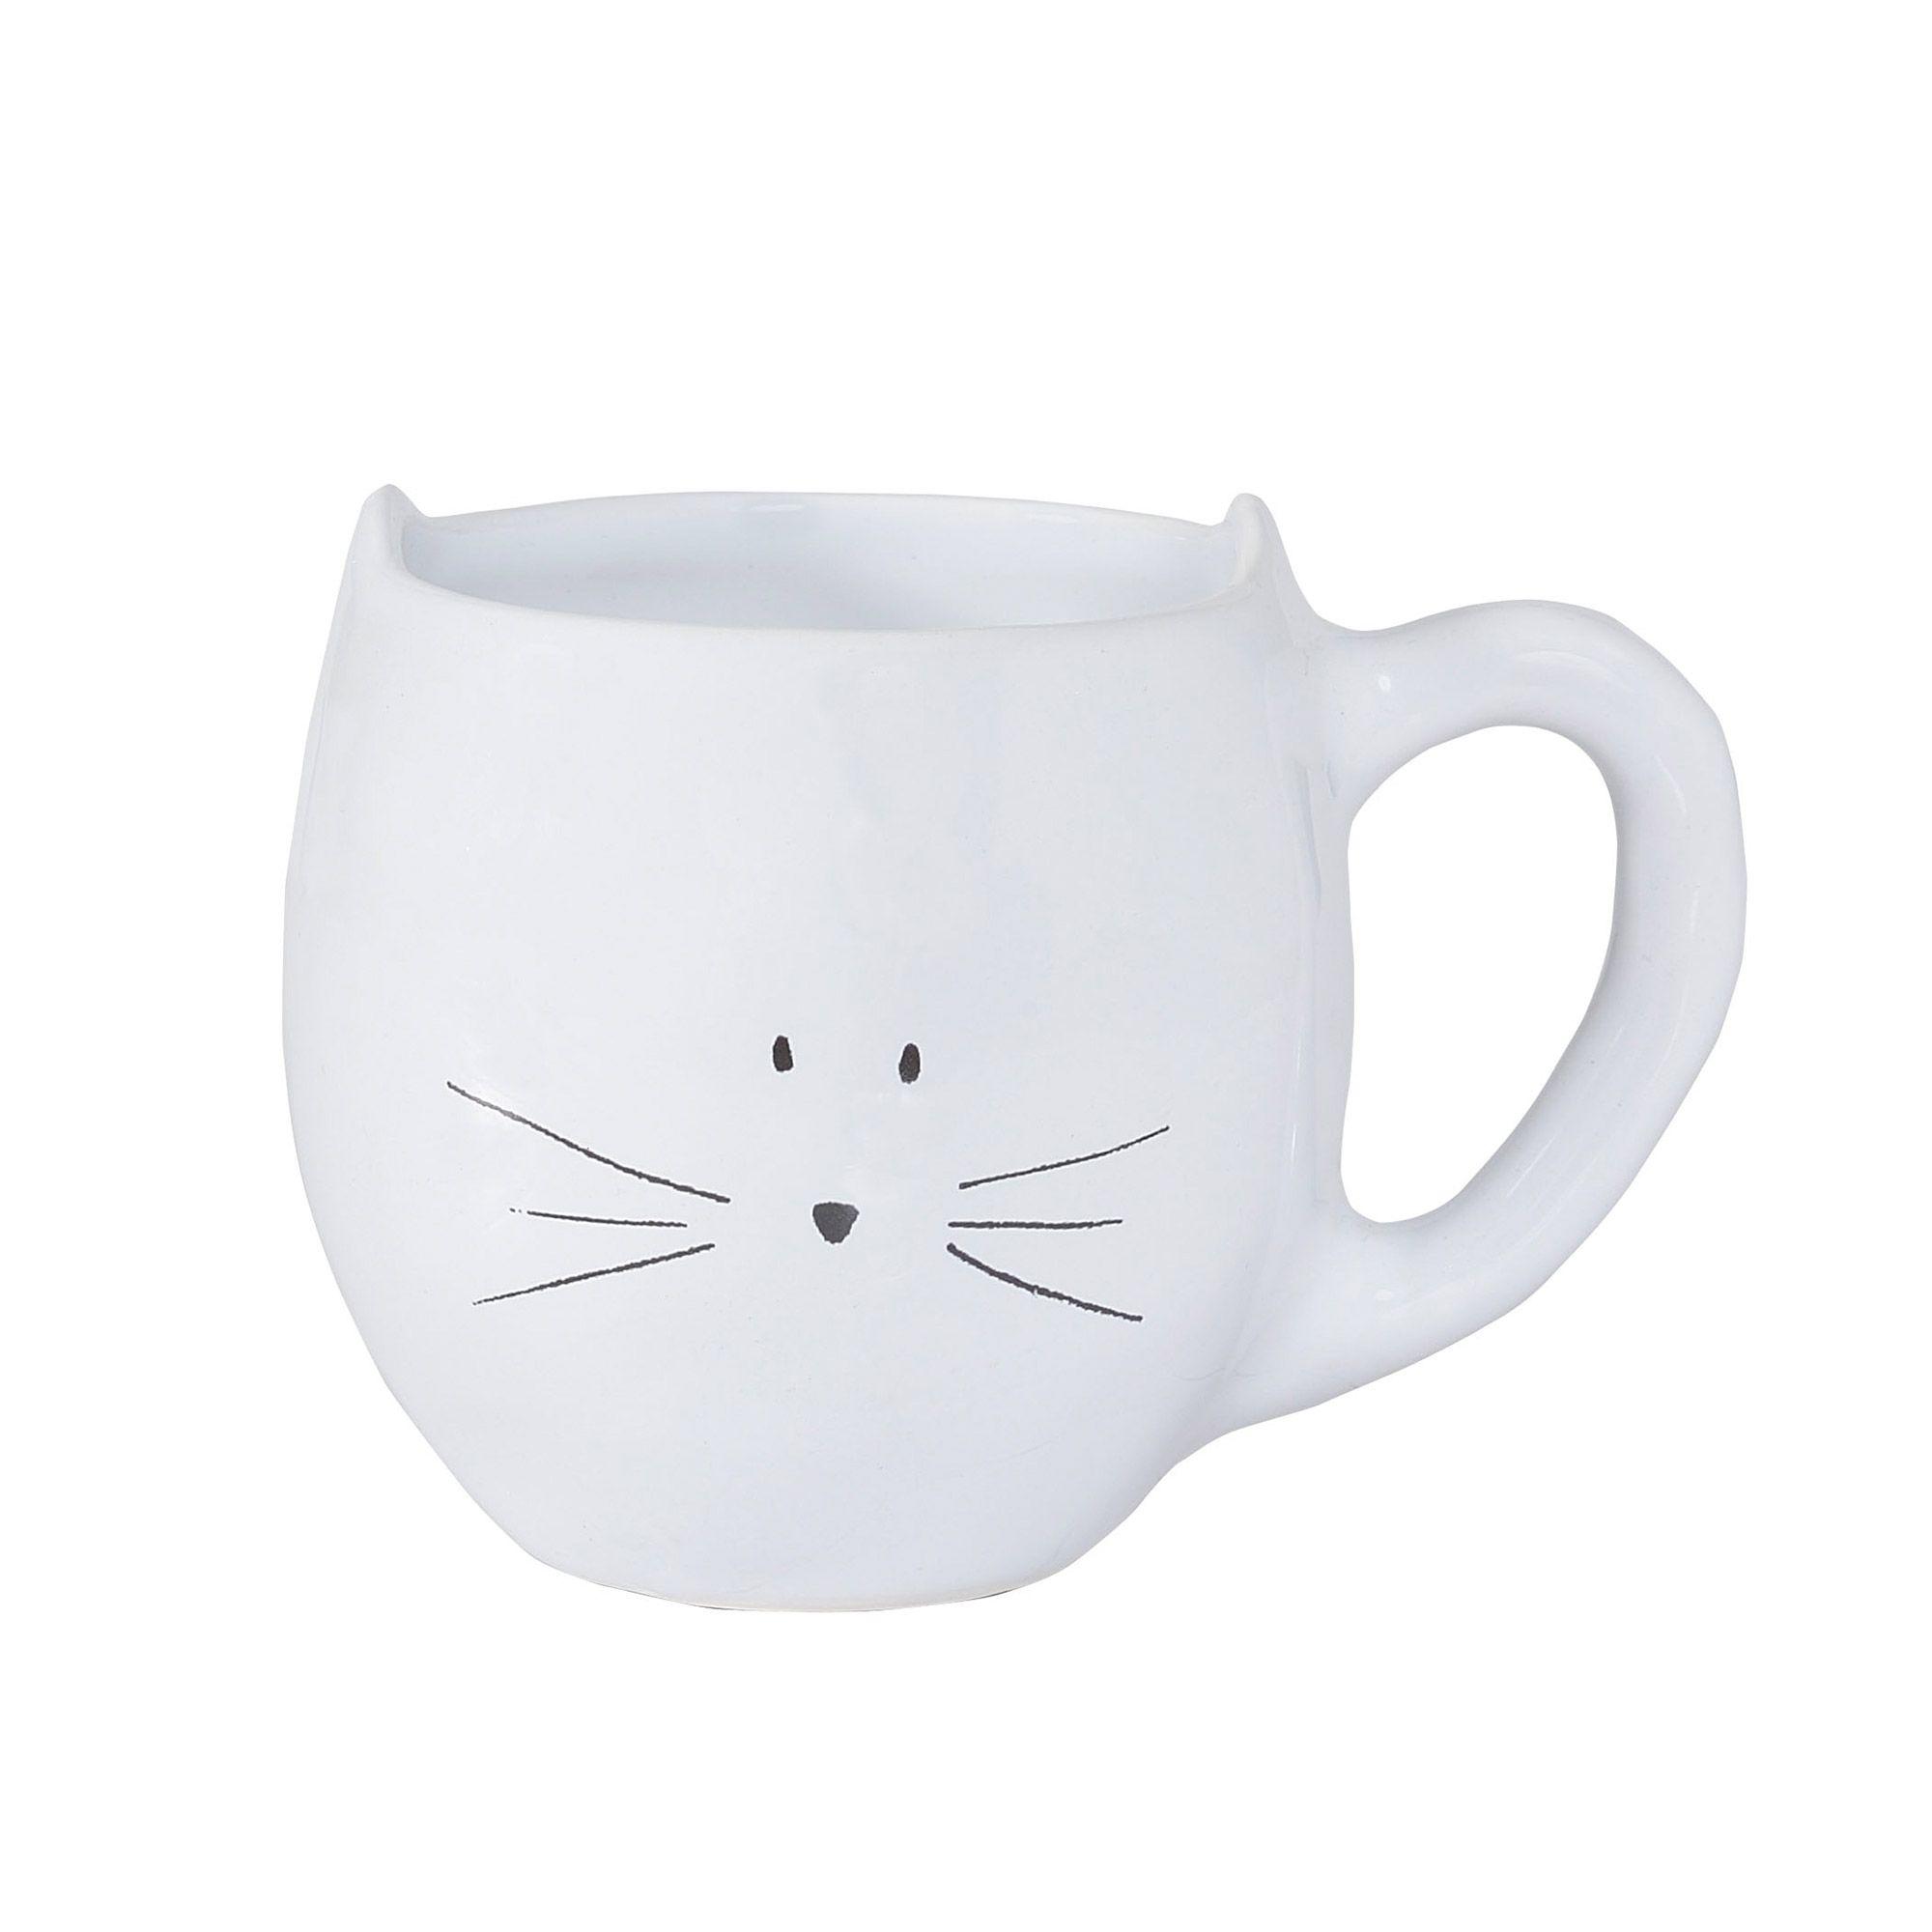 Tasse en faience blanche motifs chats H.9cm MOUSTACHE | 4 table ...